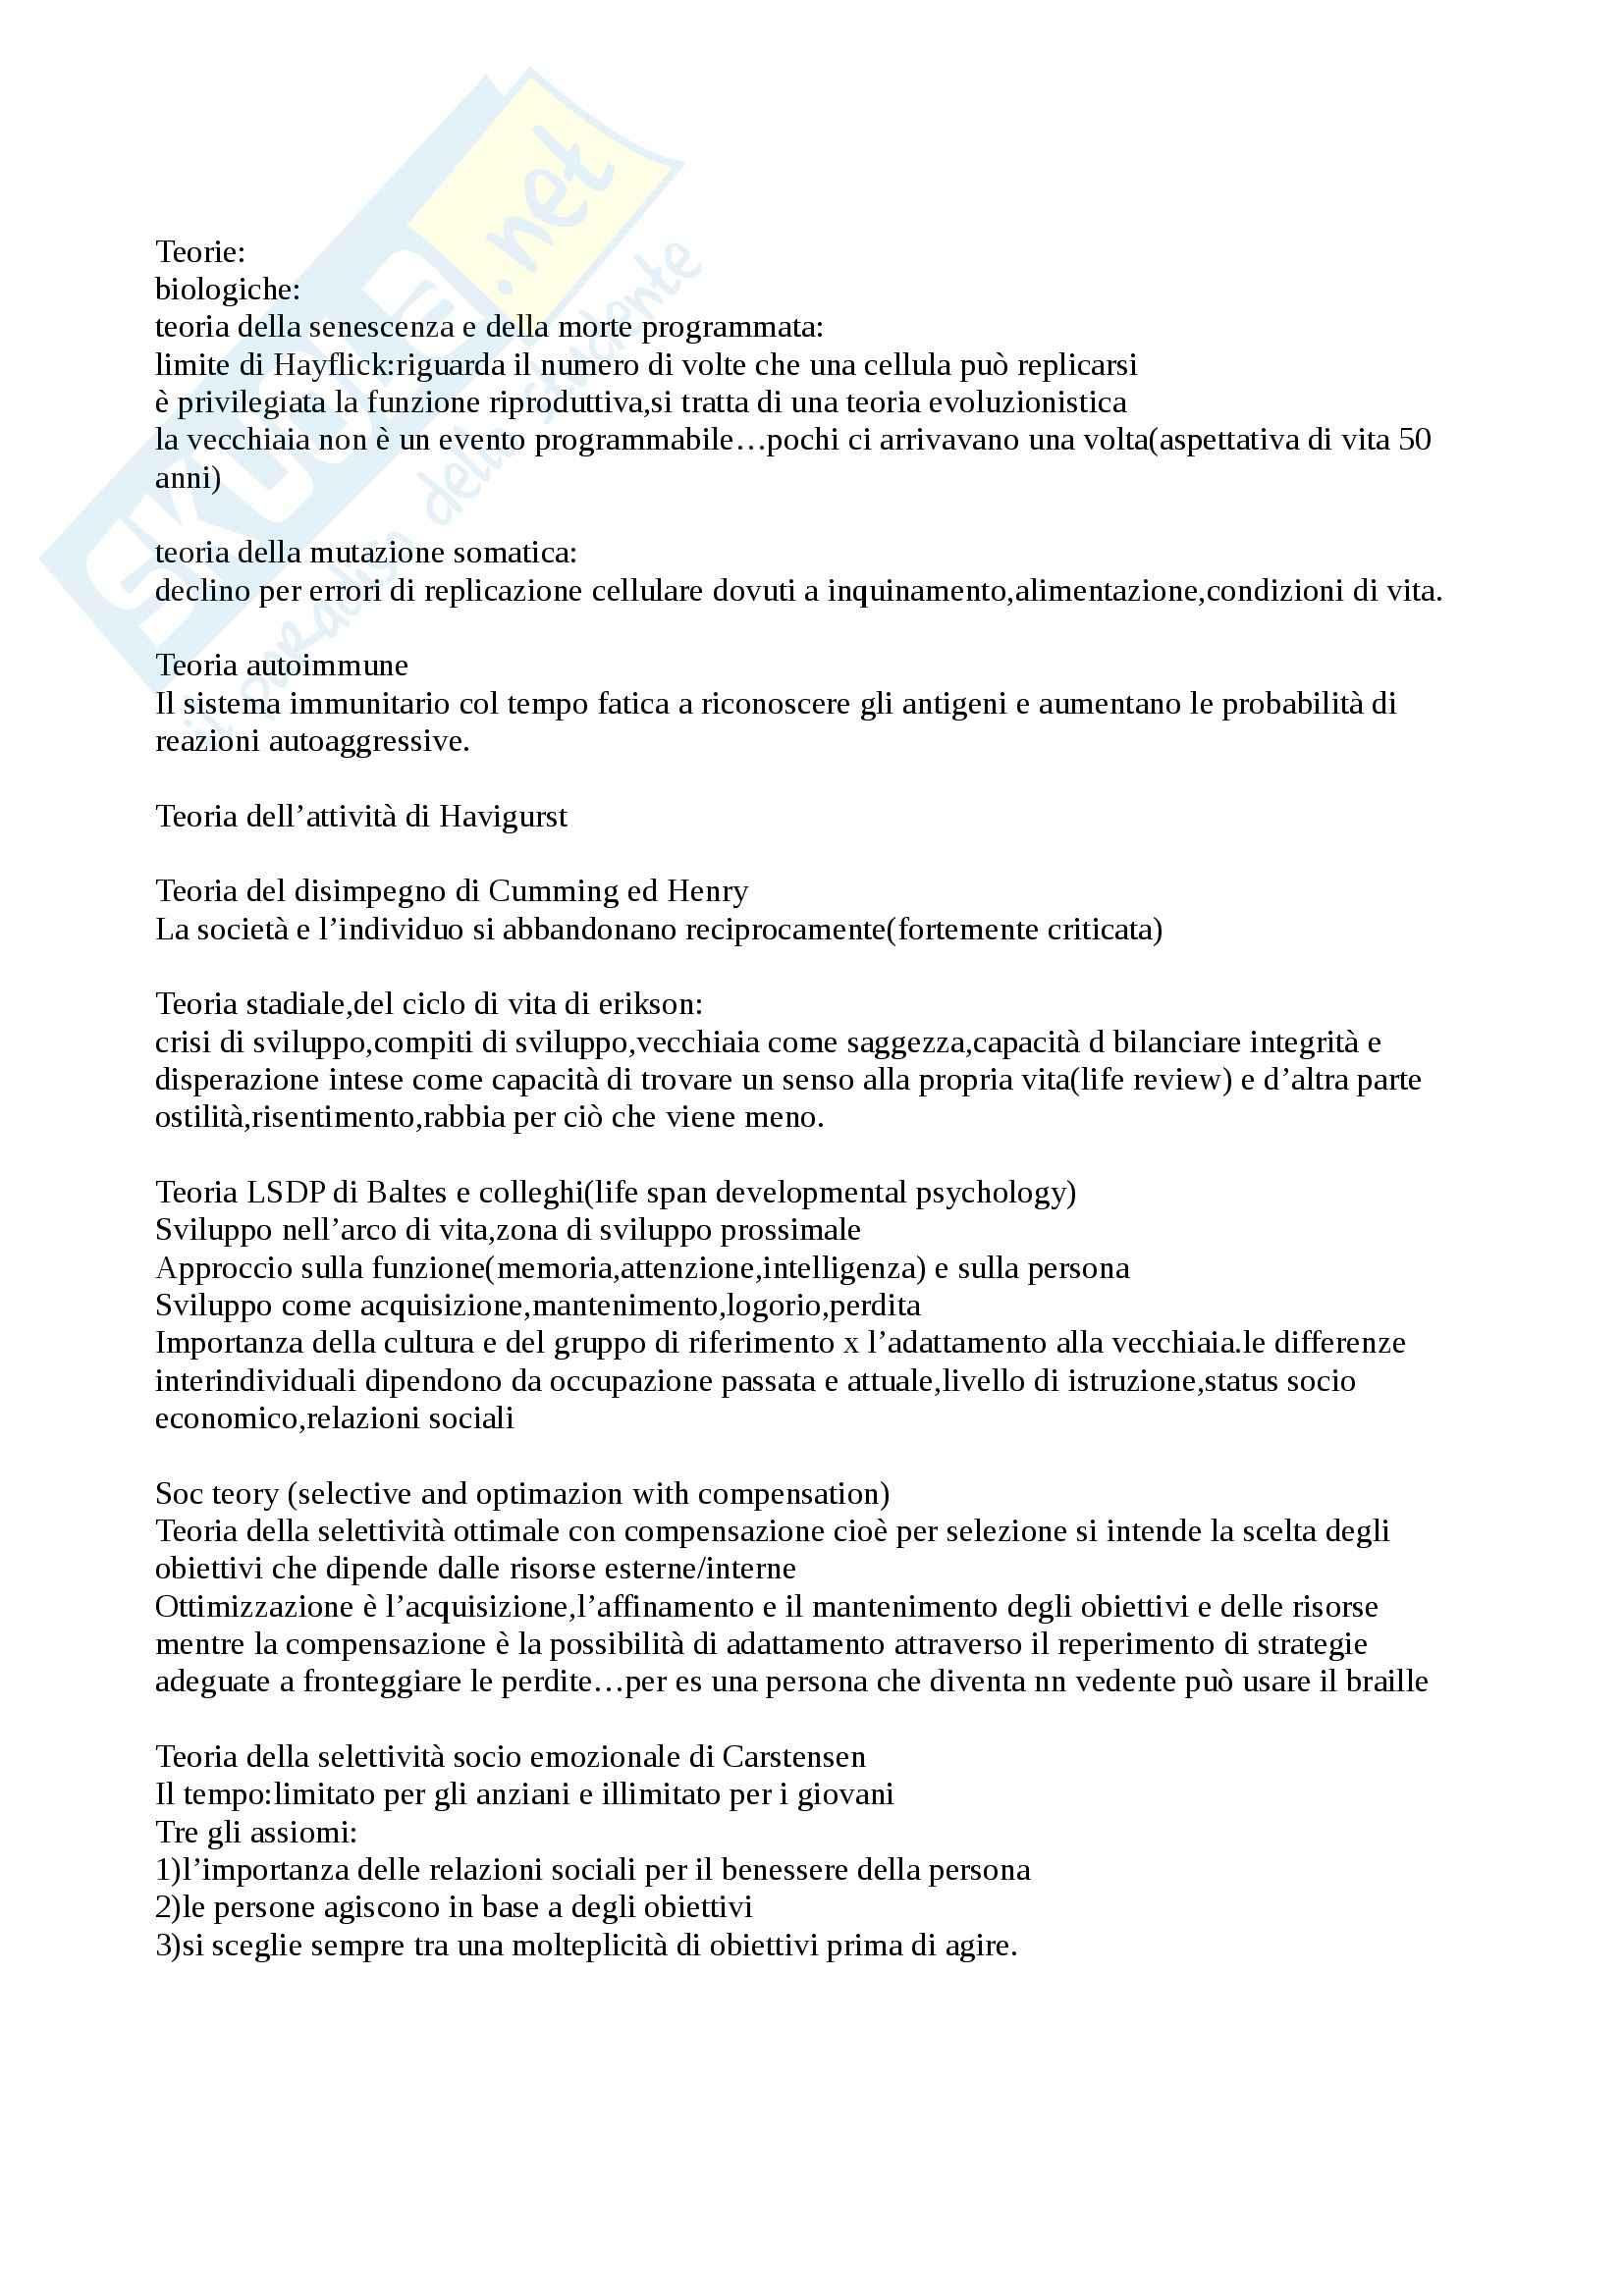 Psicologia dell'invecchiamento - Appunti Pag. 2